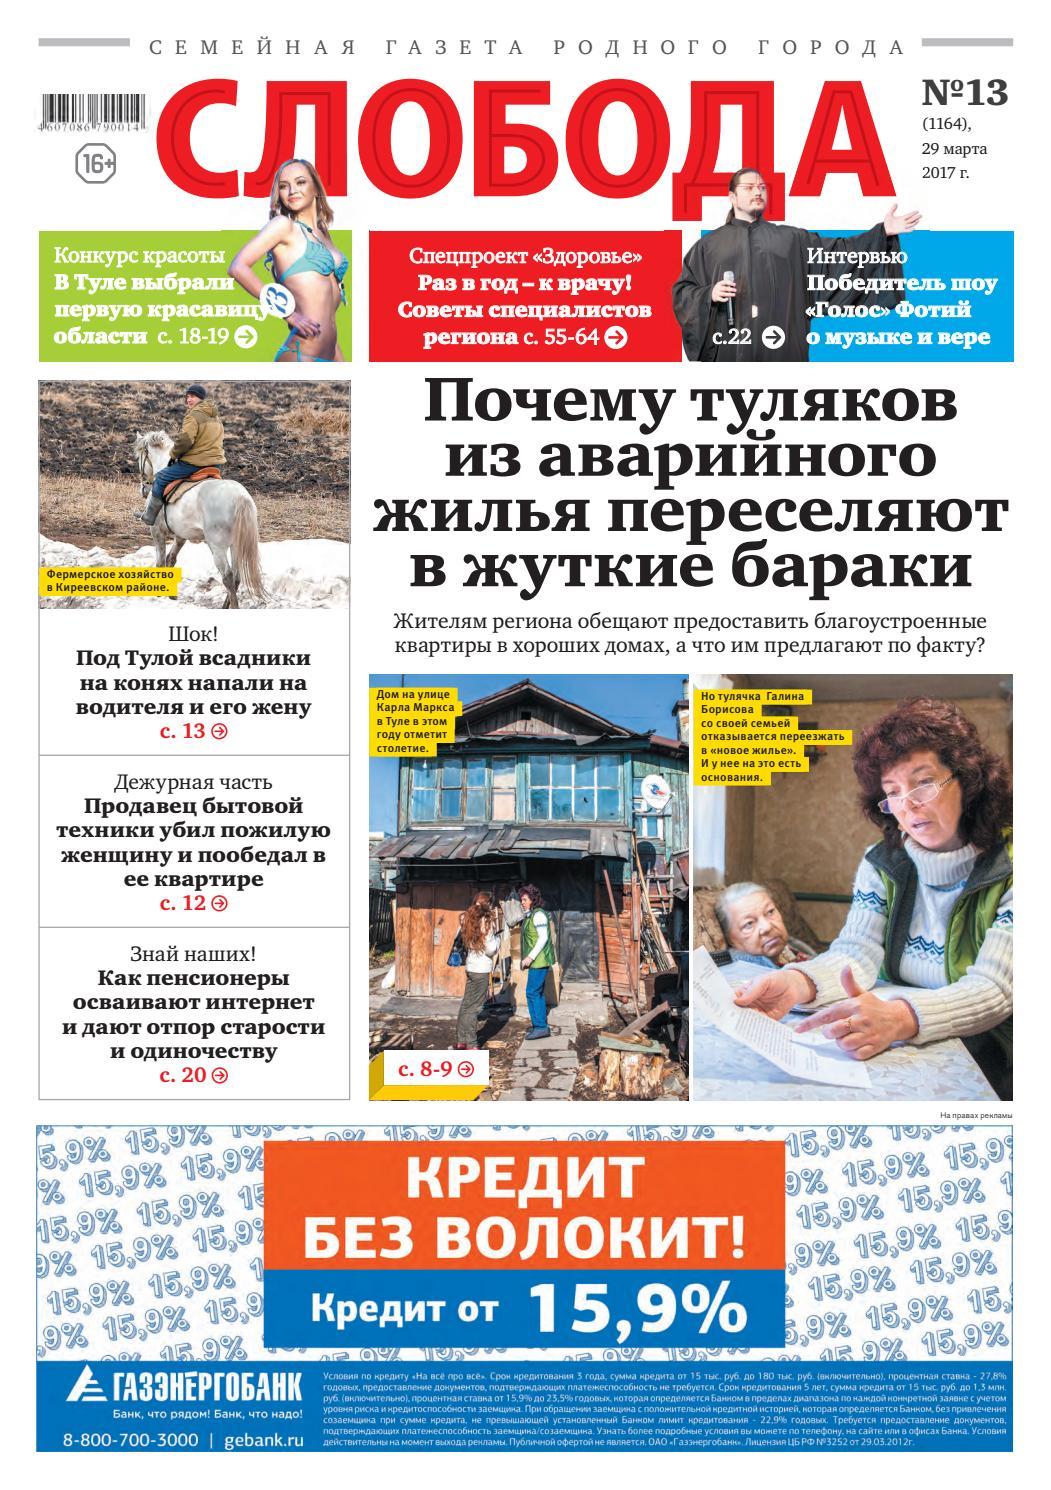 займы под птс в москве Леси Украинки улица